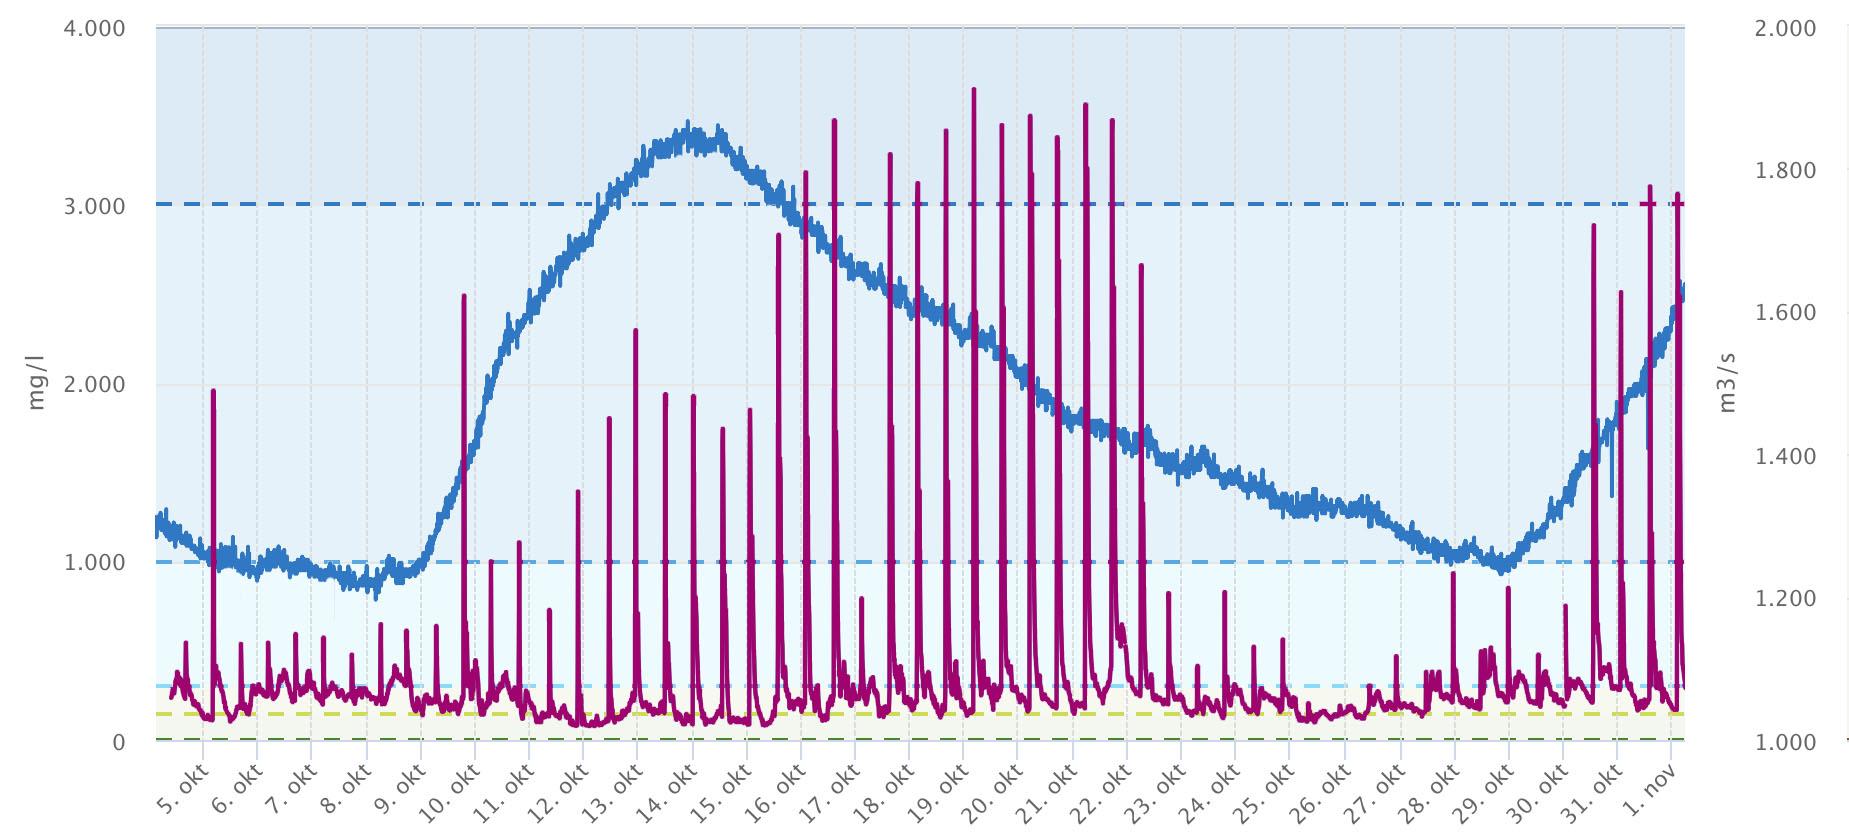 Verloop van het zoutgehalte aan de bodem van het haringvliet in de put net achter de dam (paarse lijn) gedurende de maand oktober en de Rijnafvoer bij Lobith (blauwe lijn).